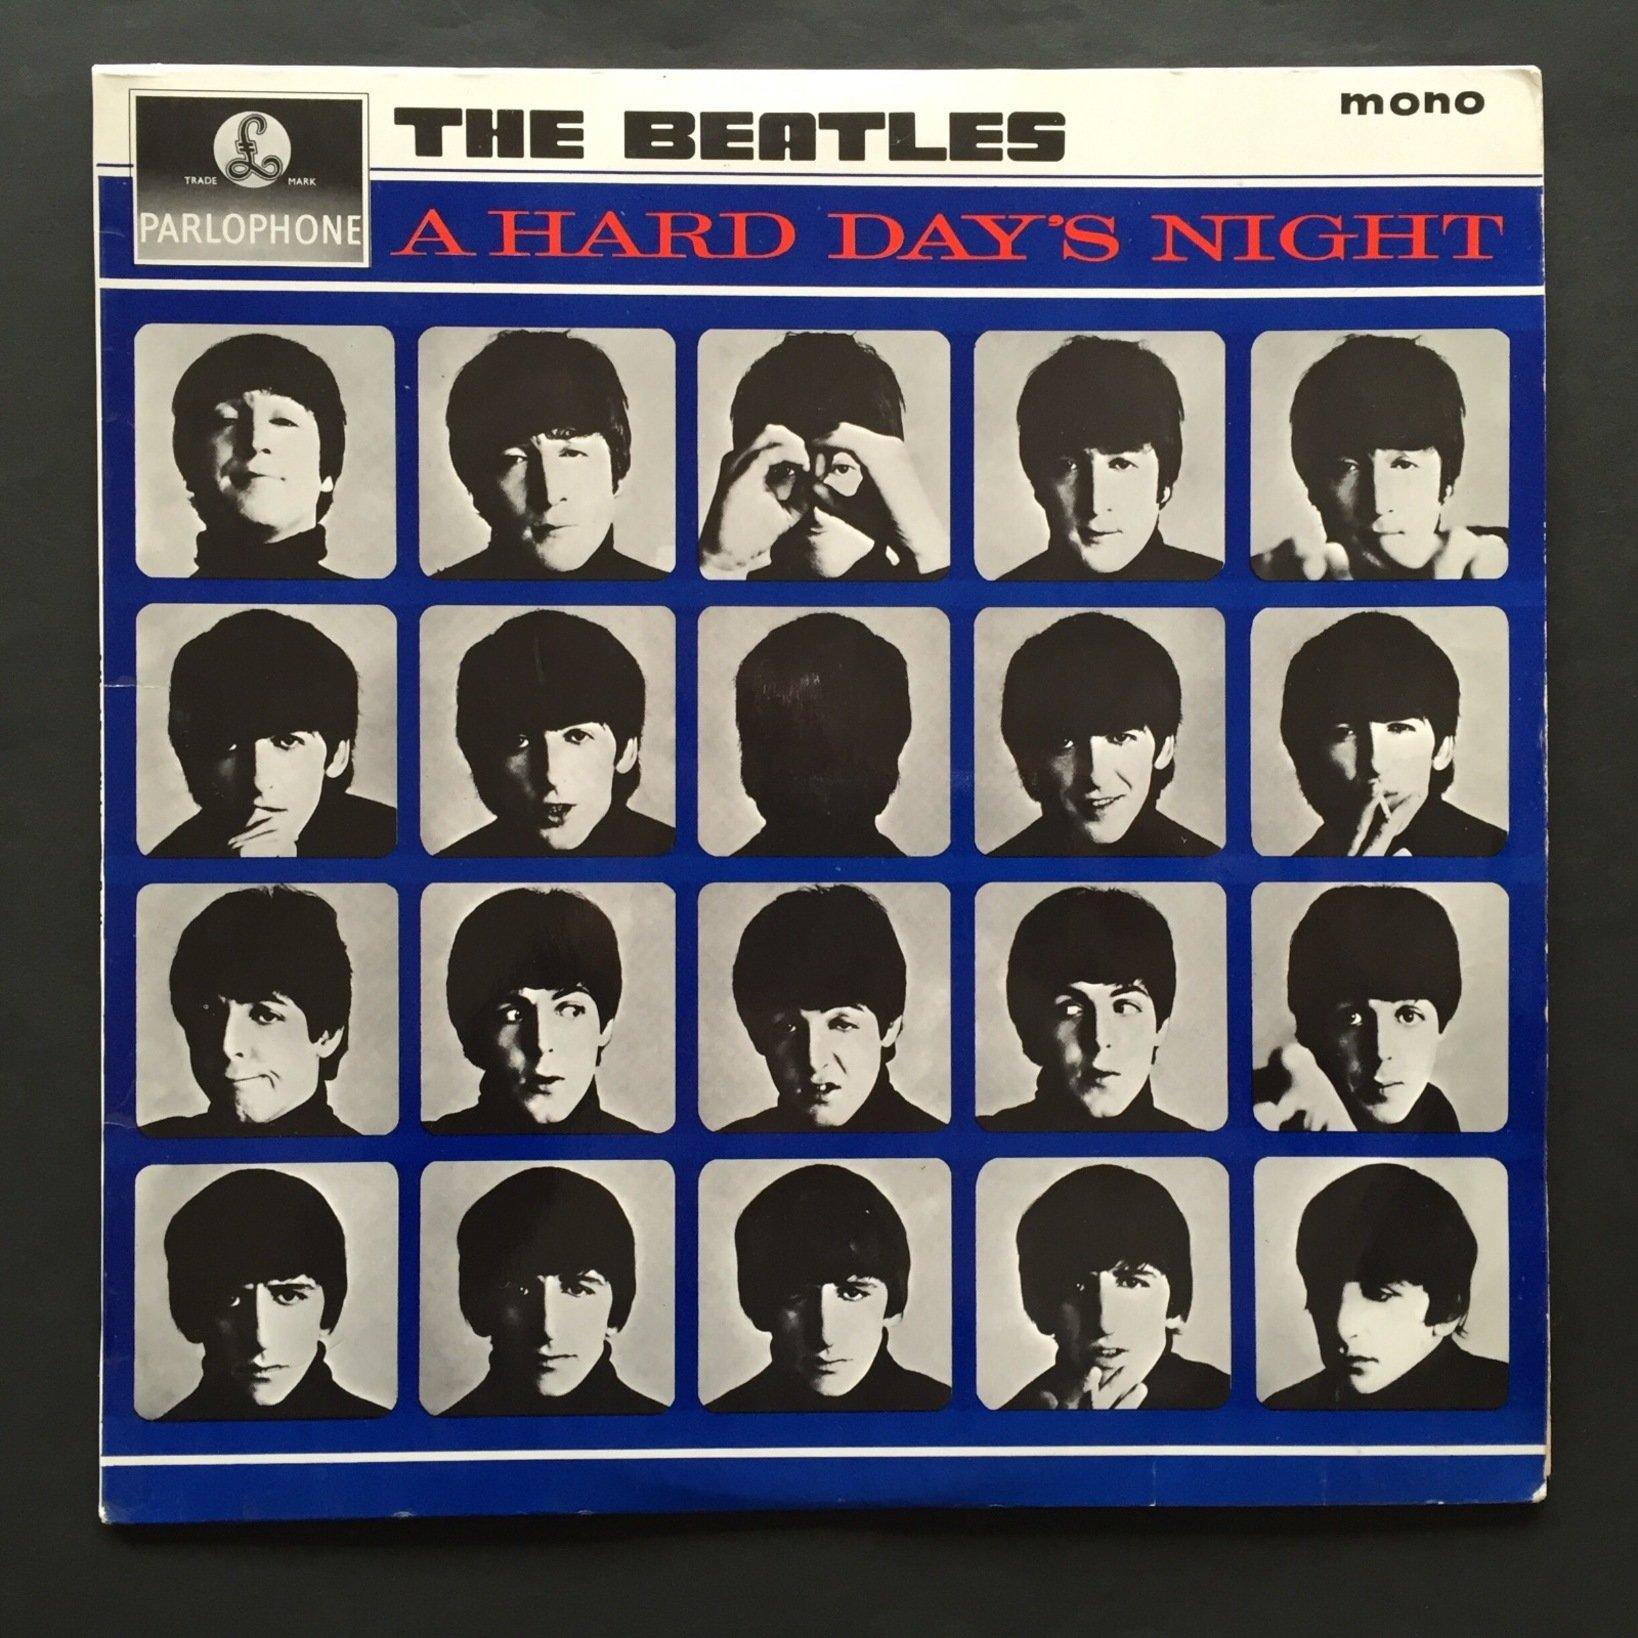 マトリックス XEX481-3N / 482-3N このアルバムのマトリックス1と2は無く(発見されておらず)3が最も初期とされている。